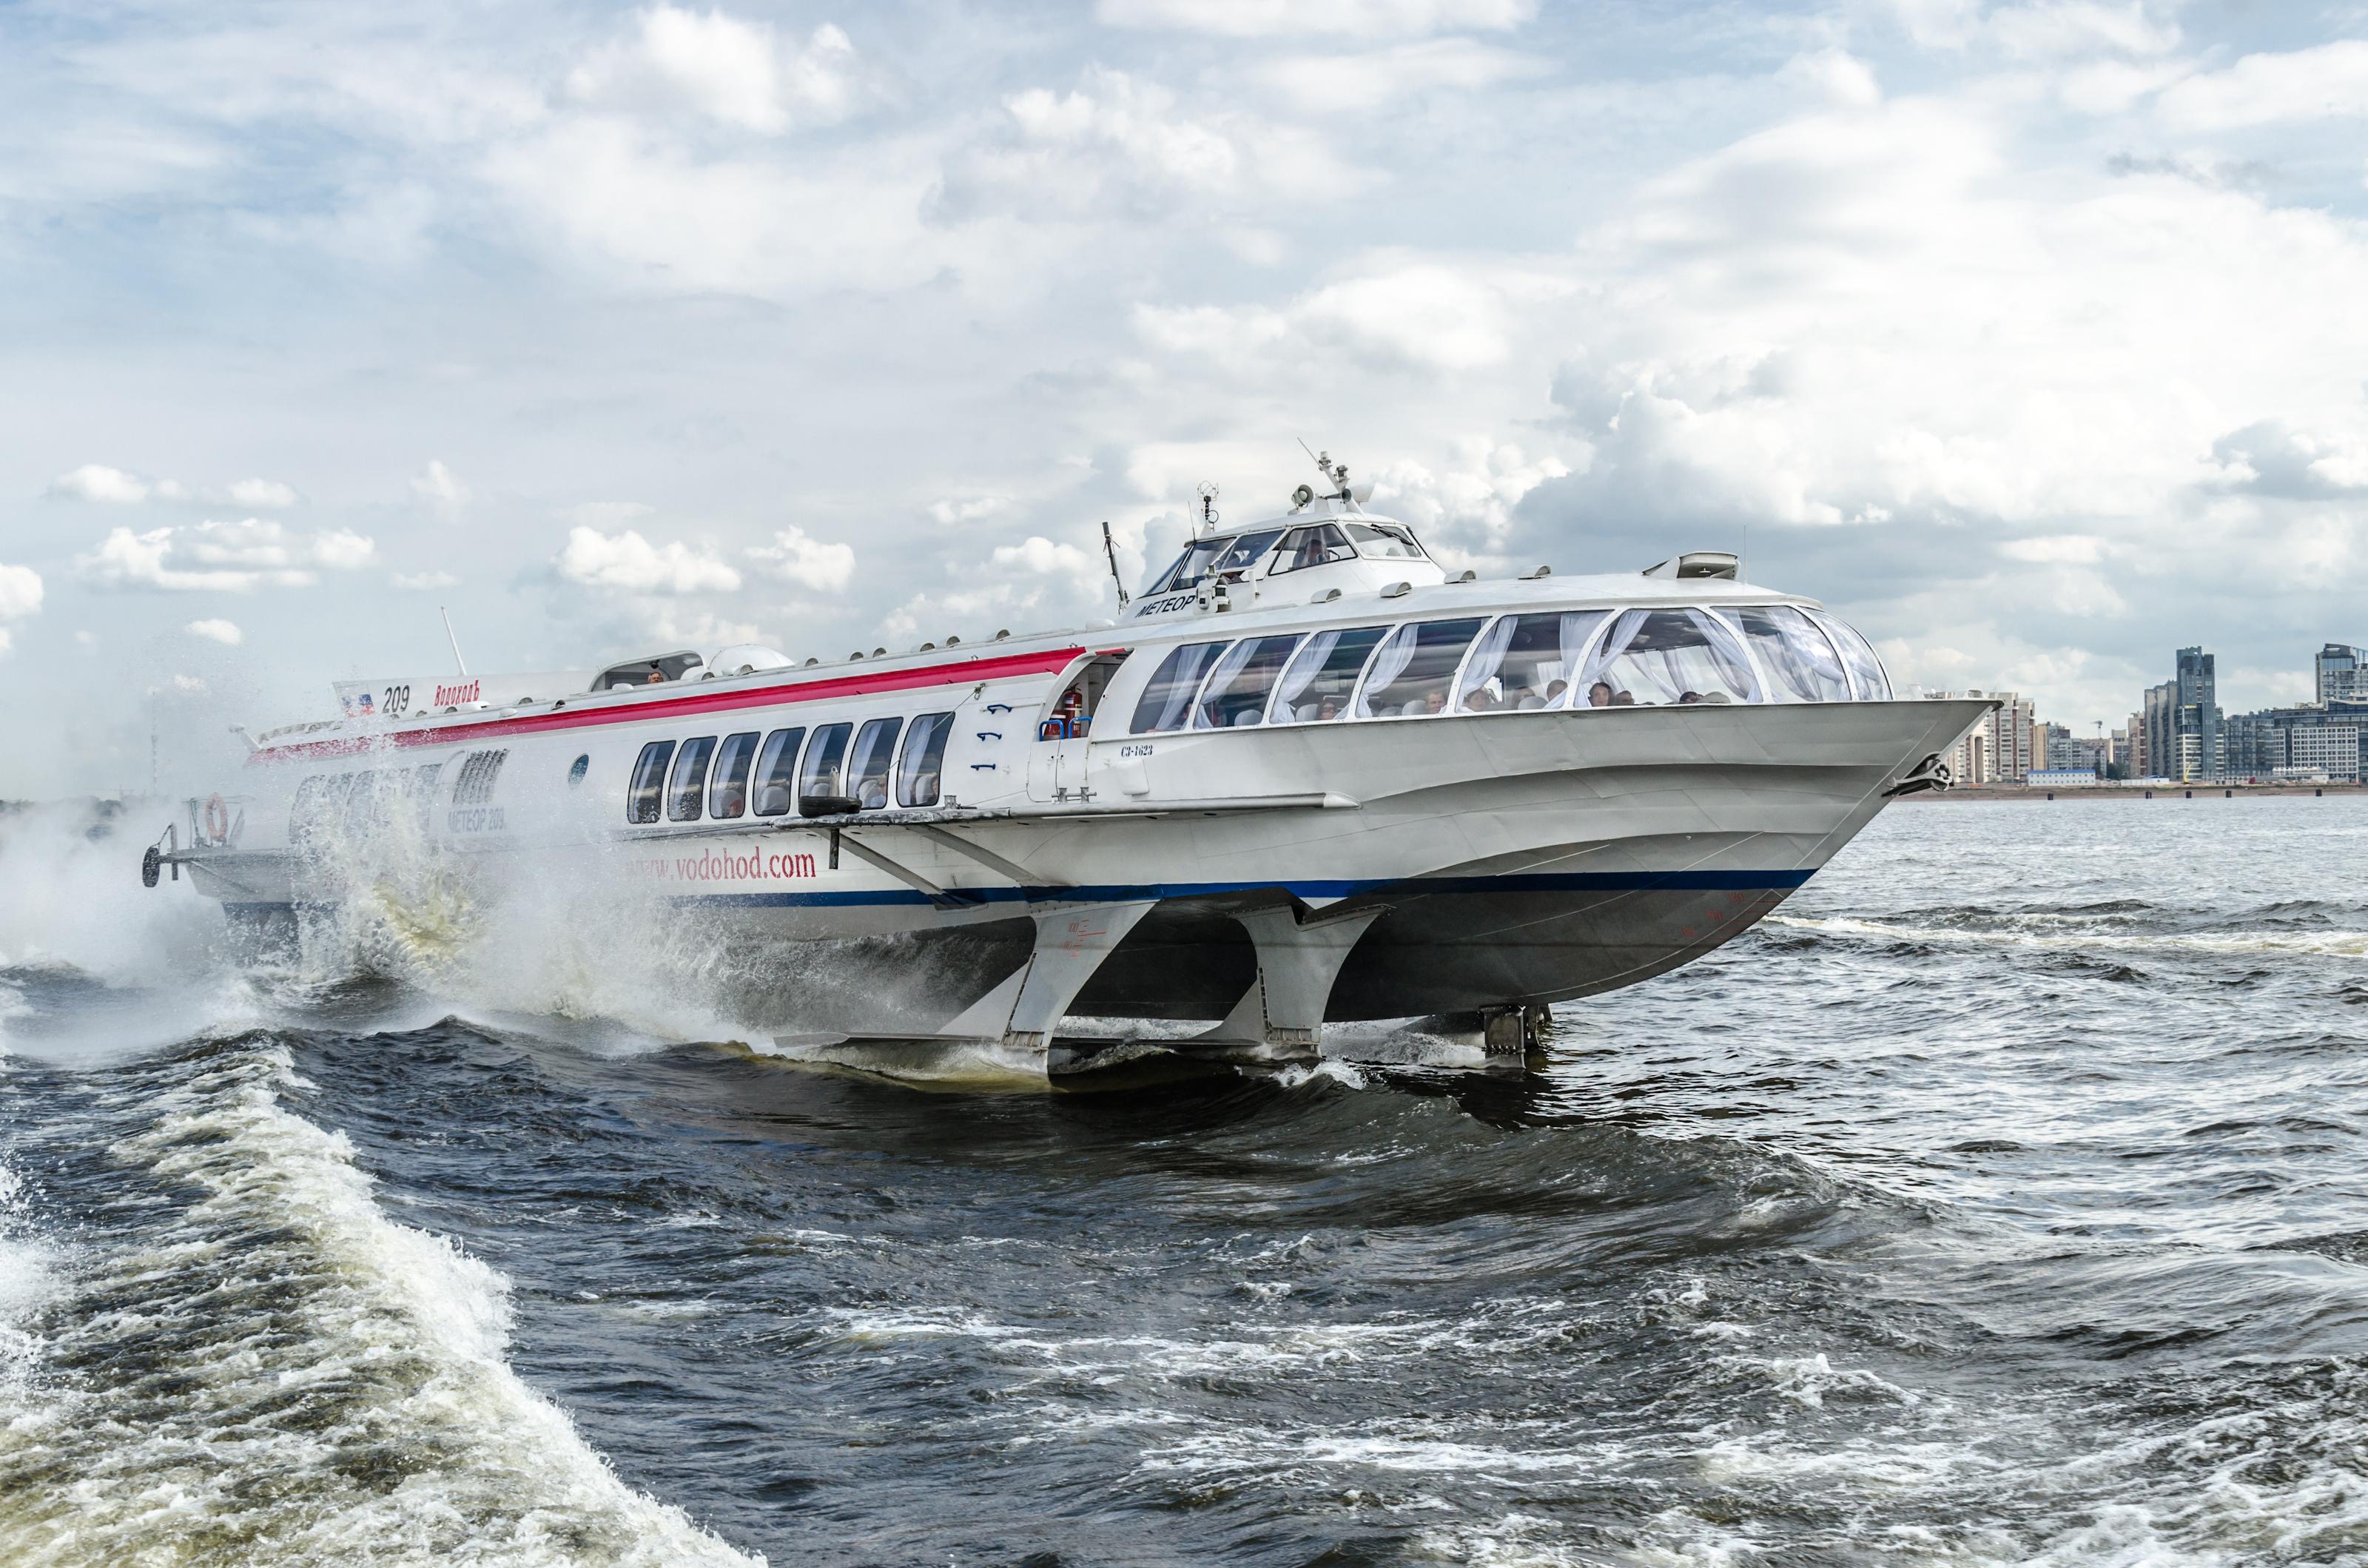 ракета питер лодка